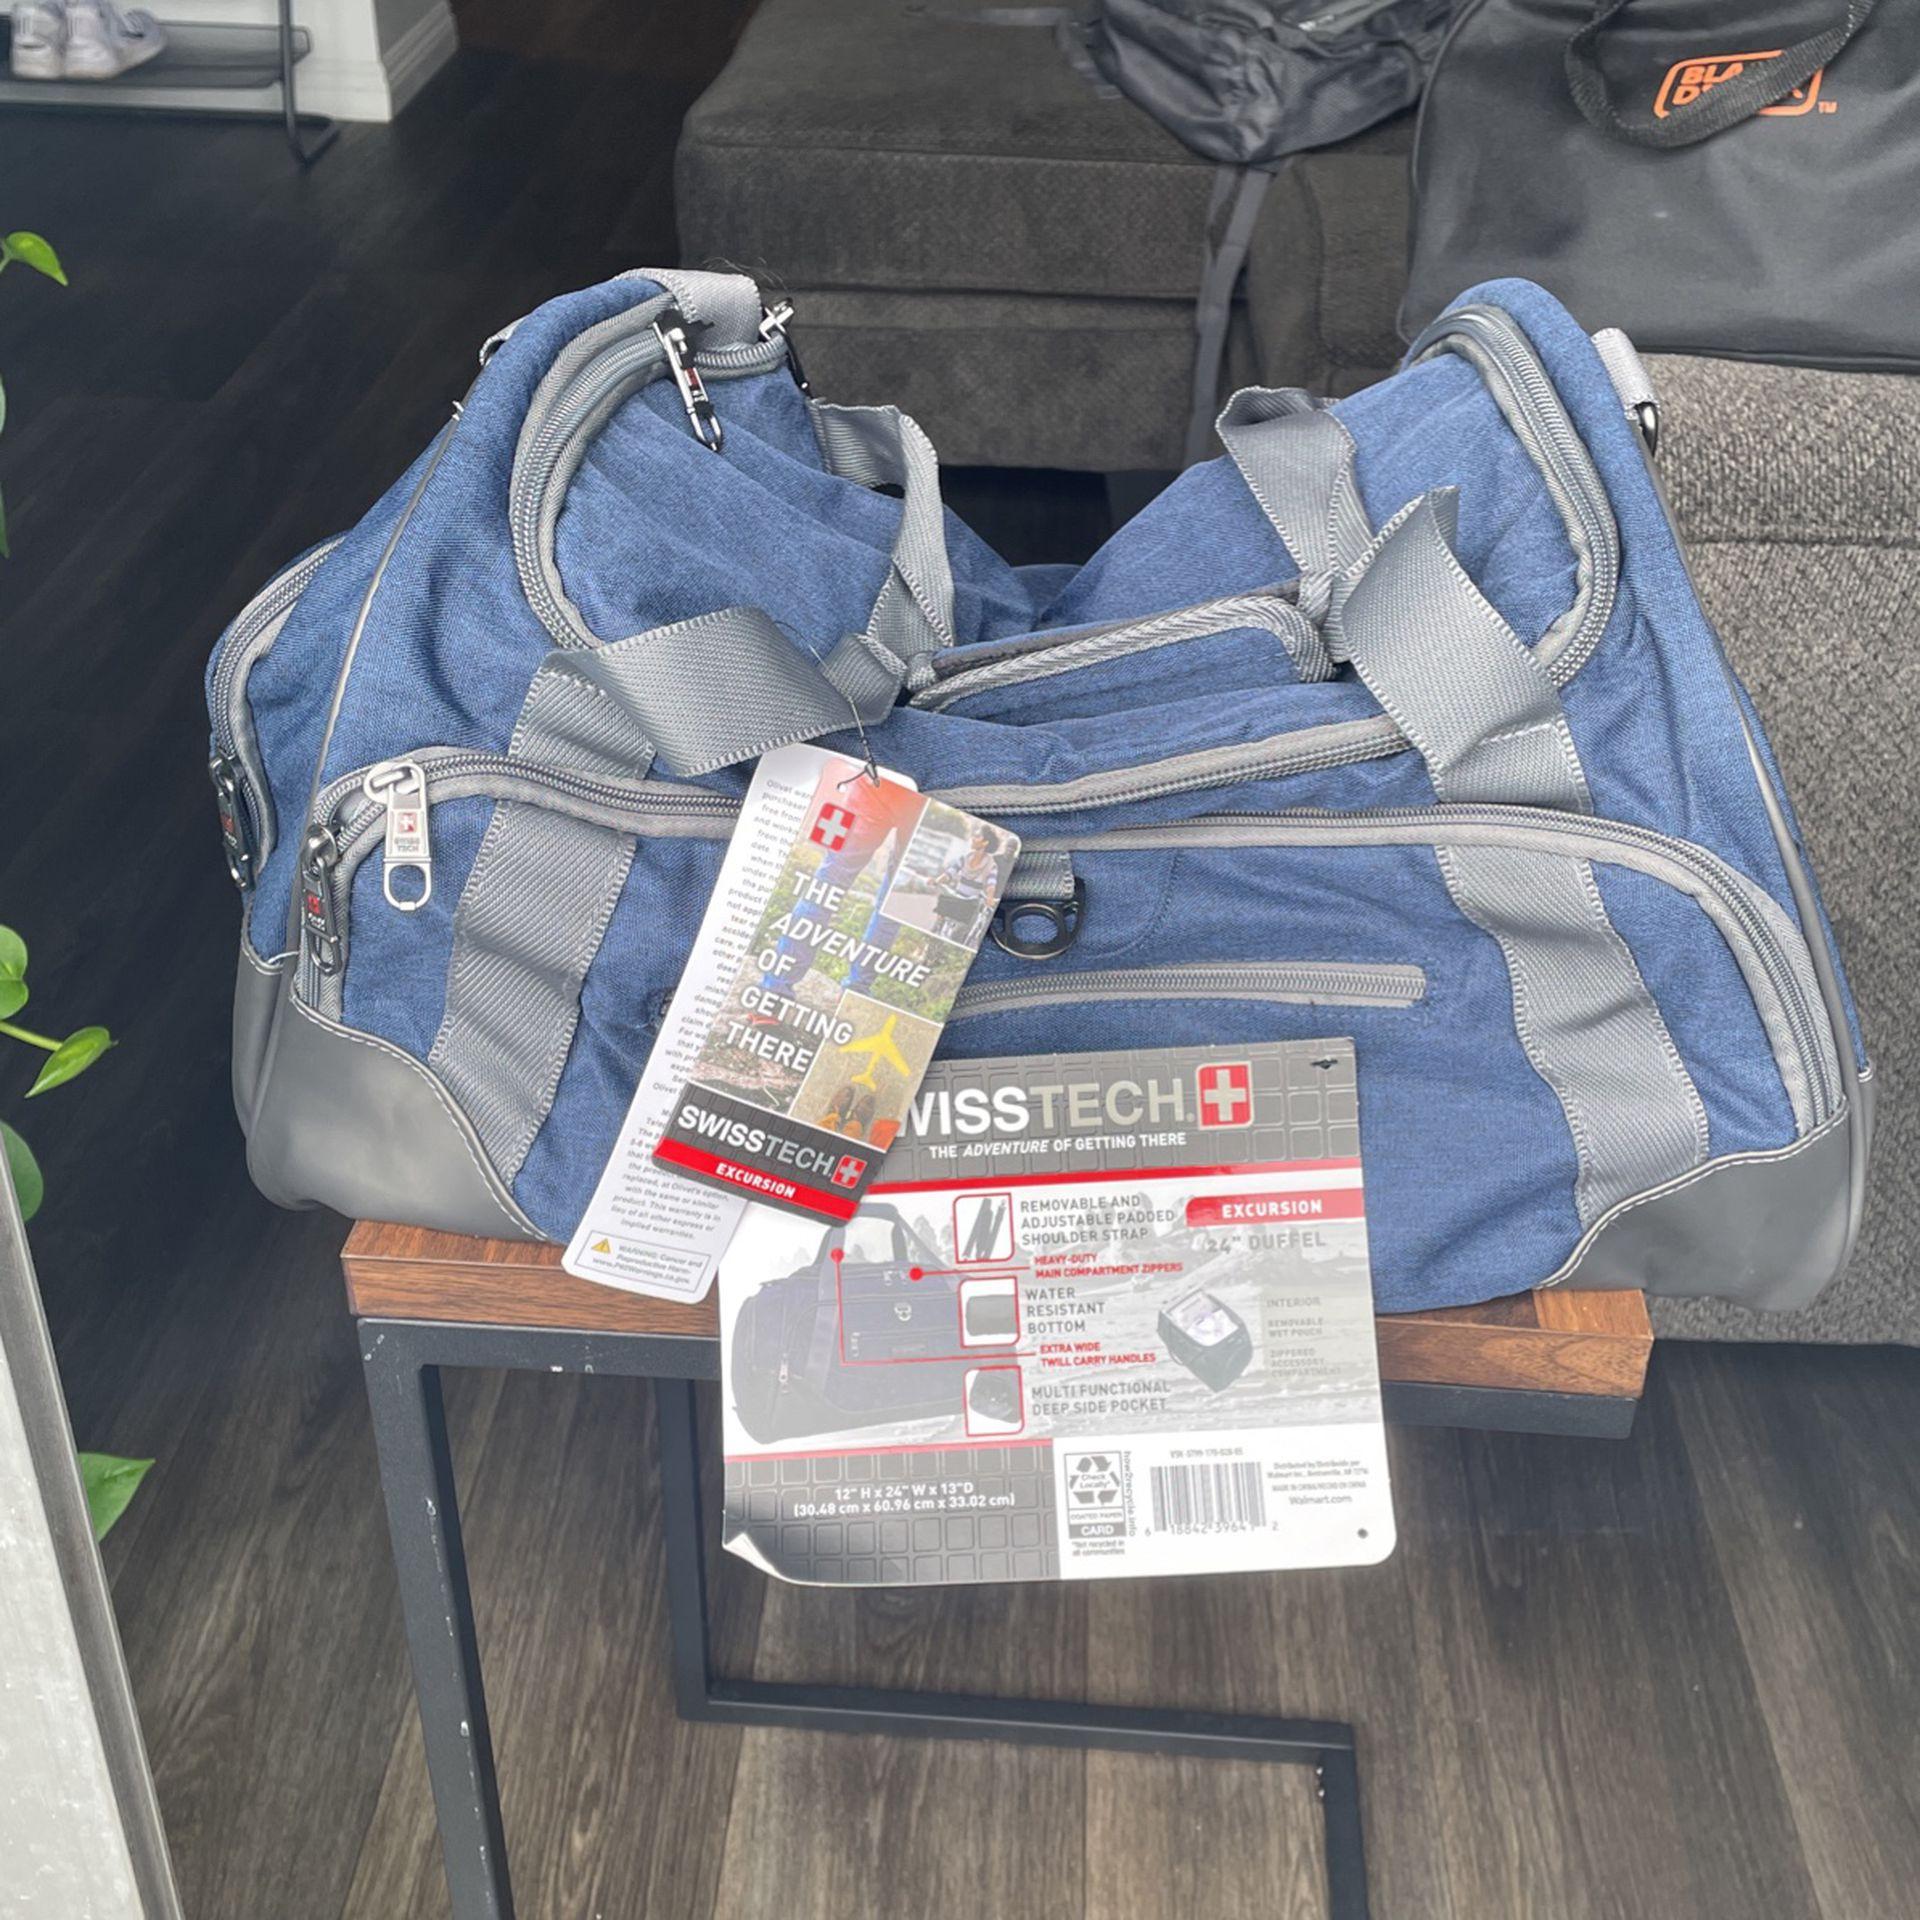 Swiss tech Bag